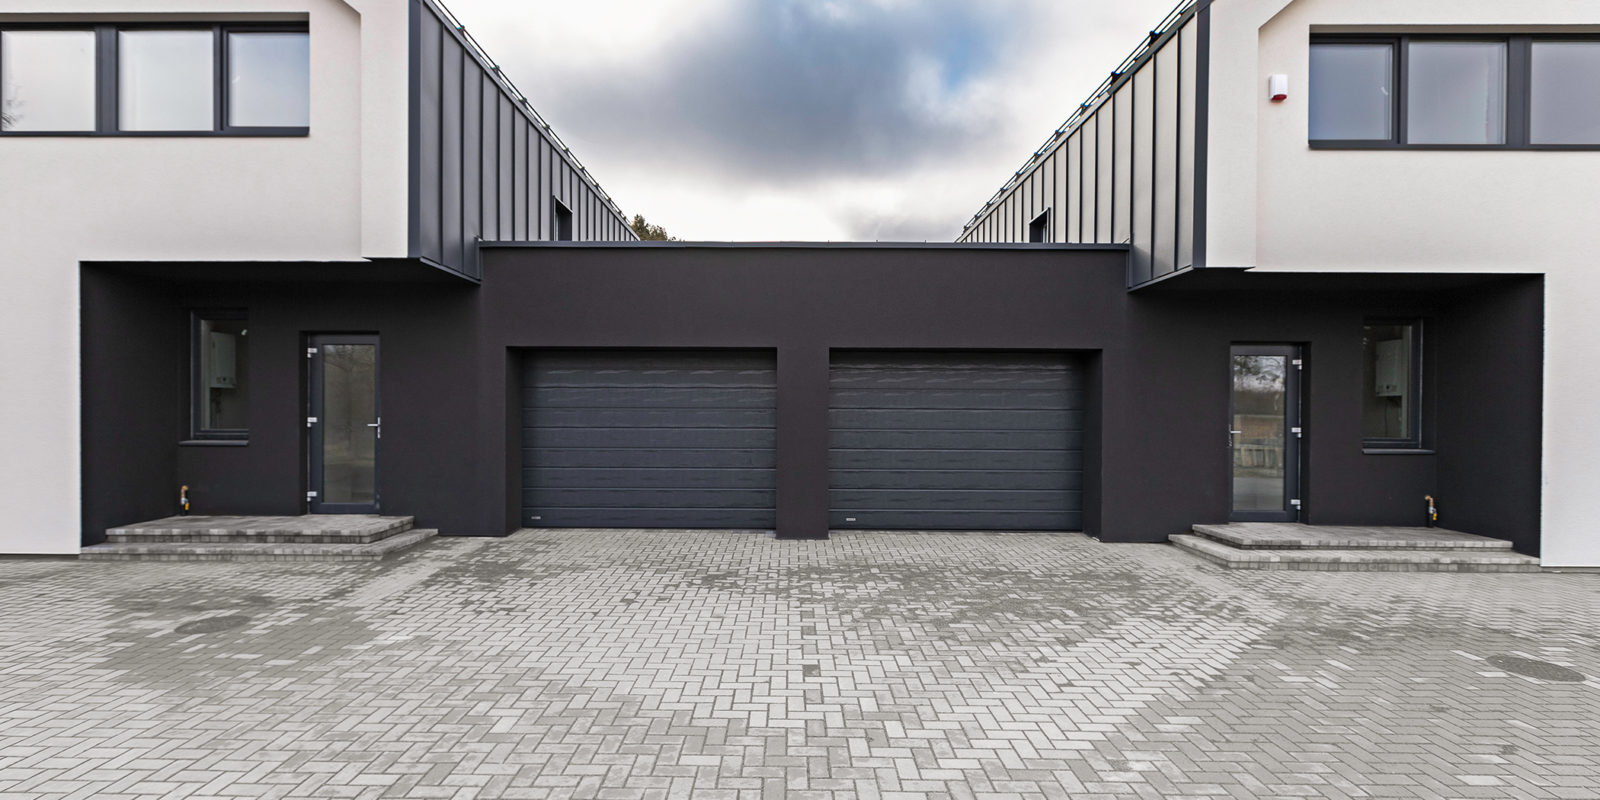 Dviejų butų gyvenamasis namas su garažais